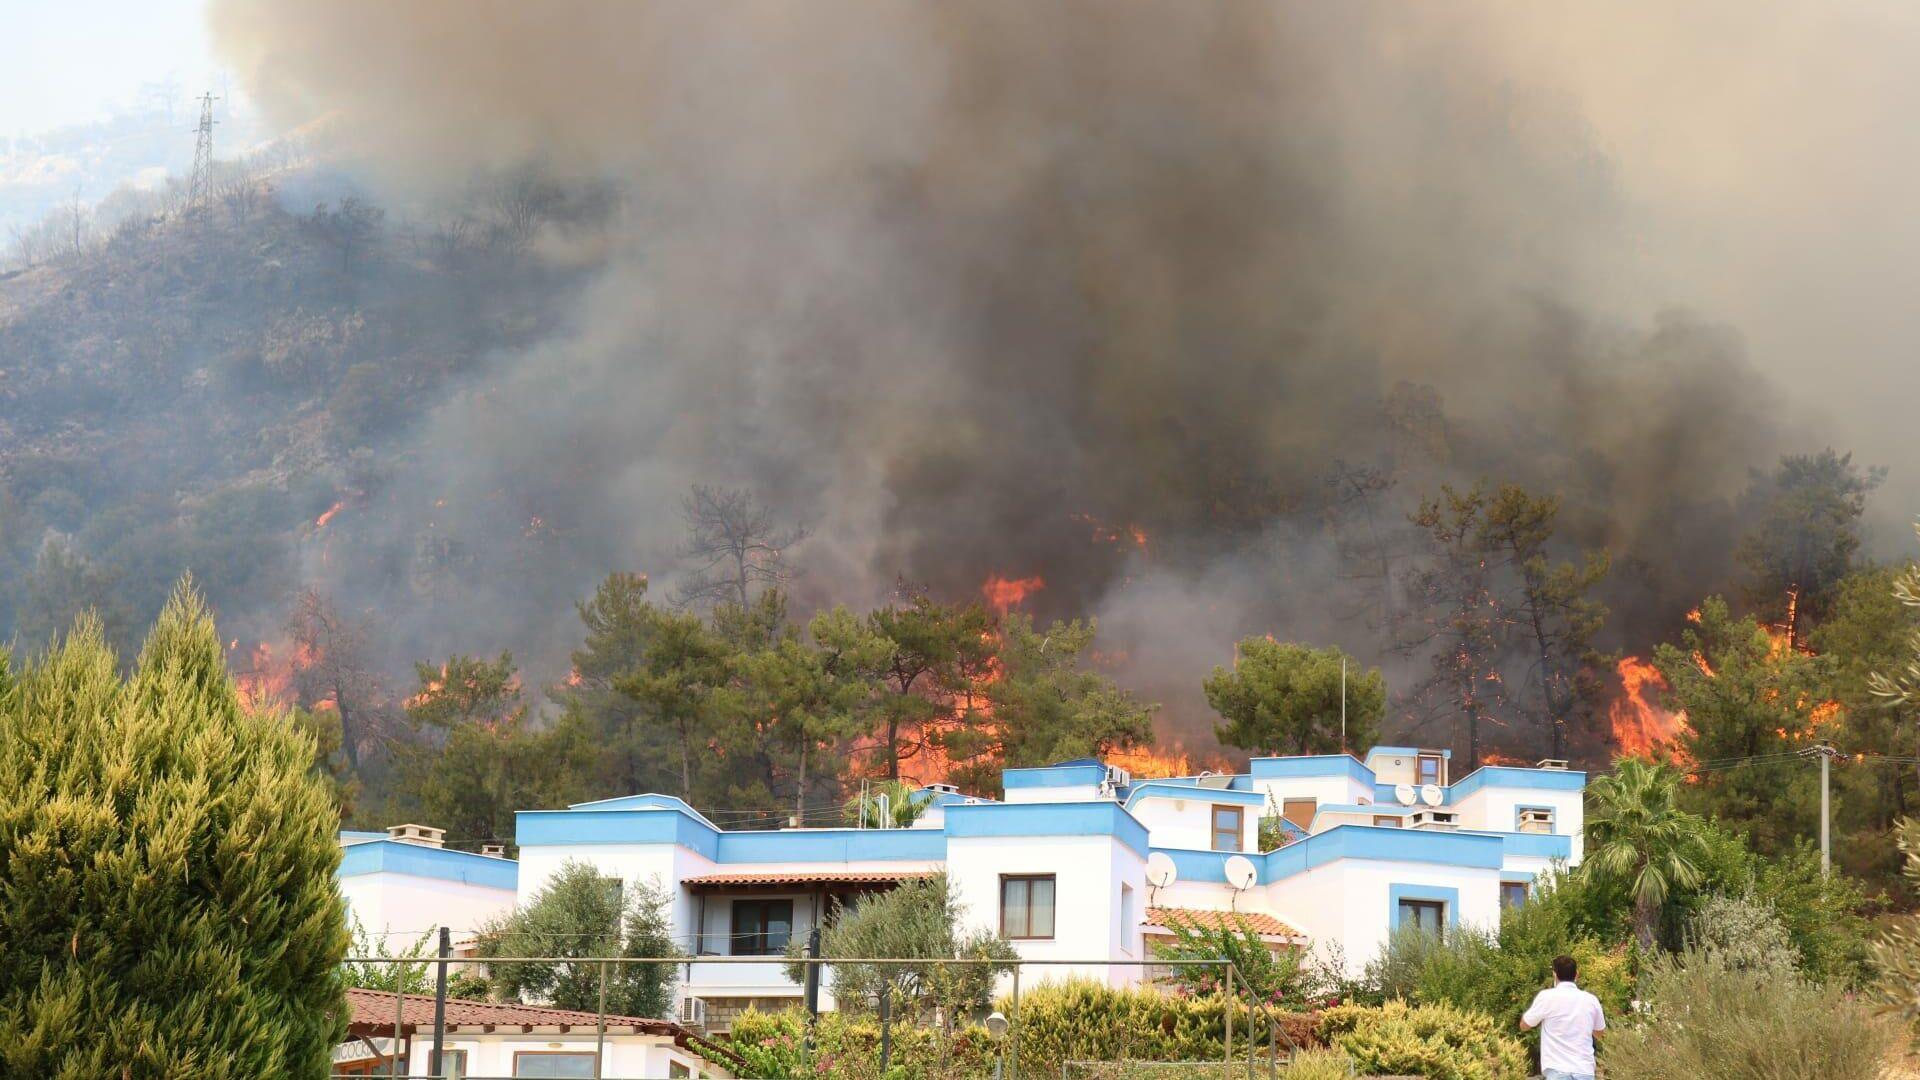 Ogień w pobliżu budynków mieszkalnych na wsi Türkevleri, w Bodrumie - Sputnik Polska, 1920, 03.08.2021